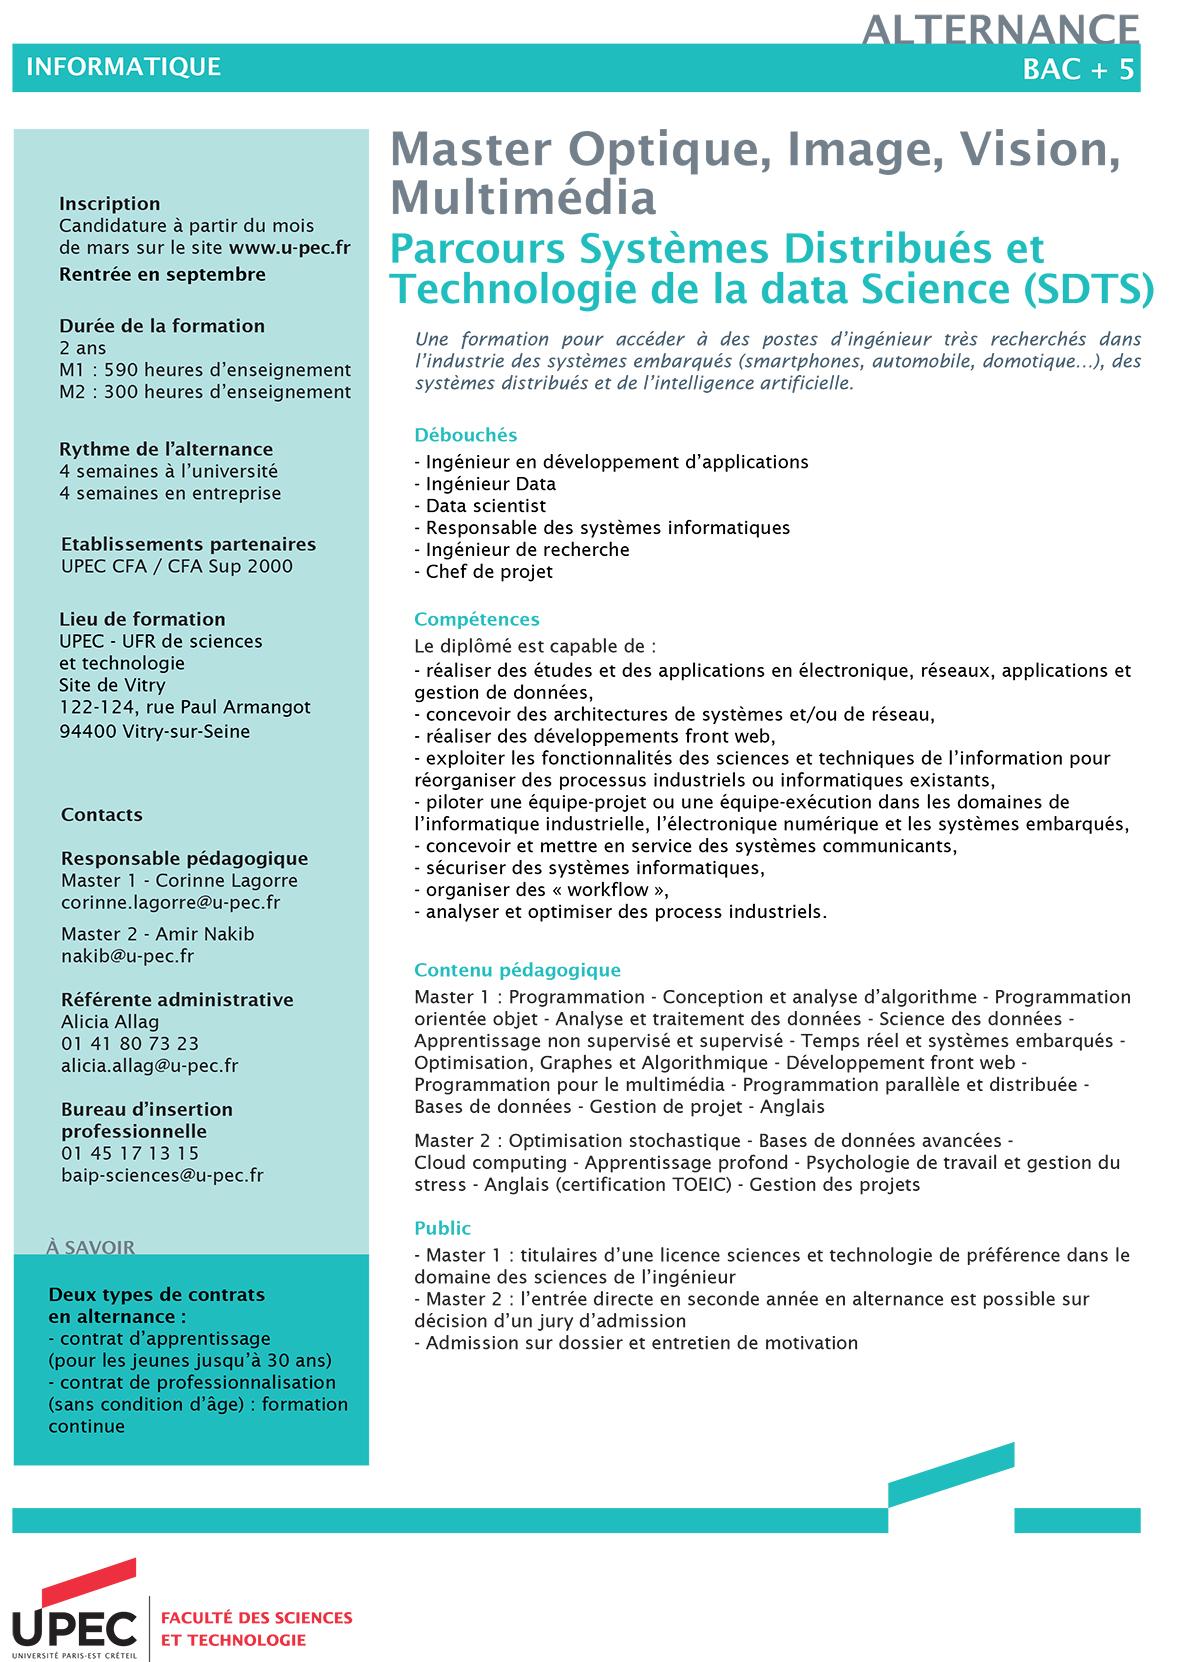 Visuel M1 et M2 SDTS